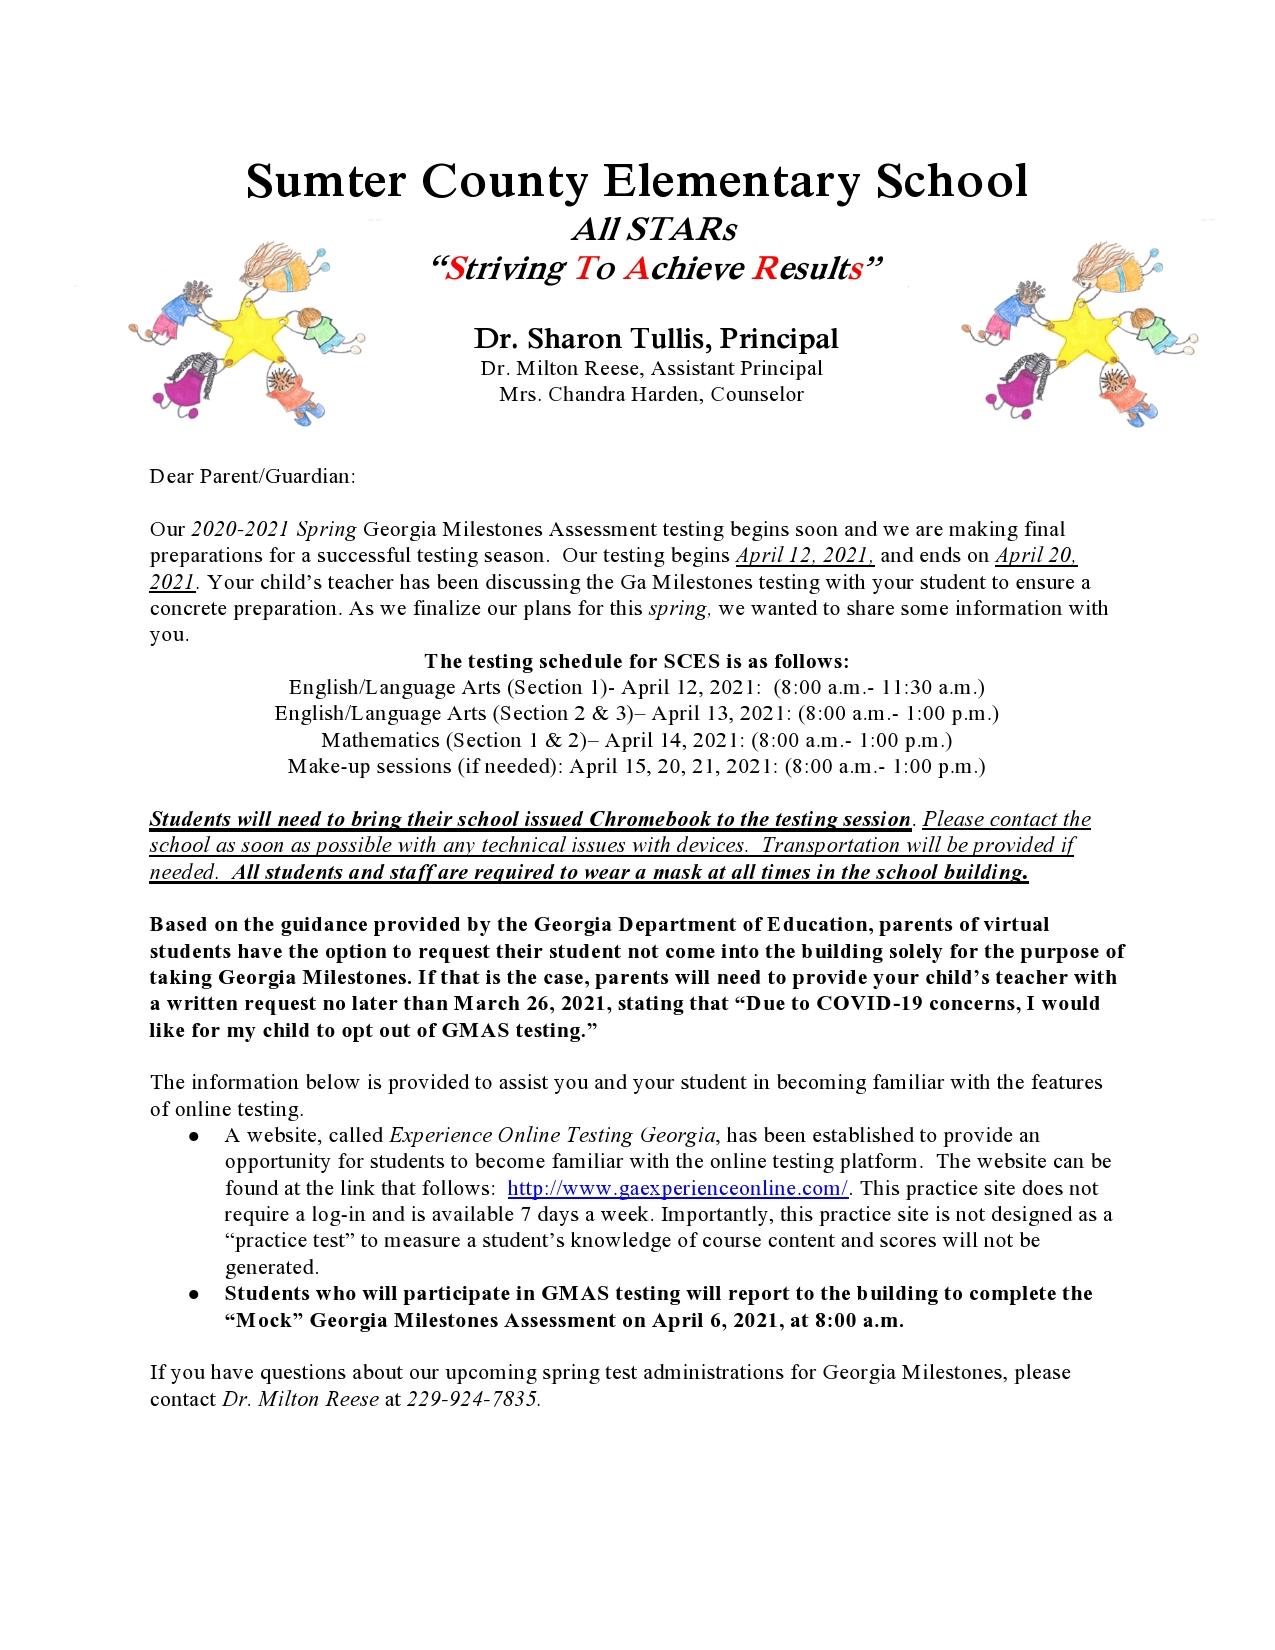 GMAS Letter to Parents